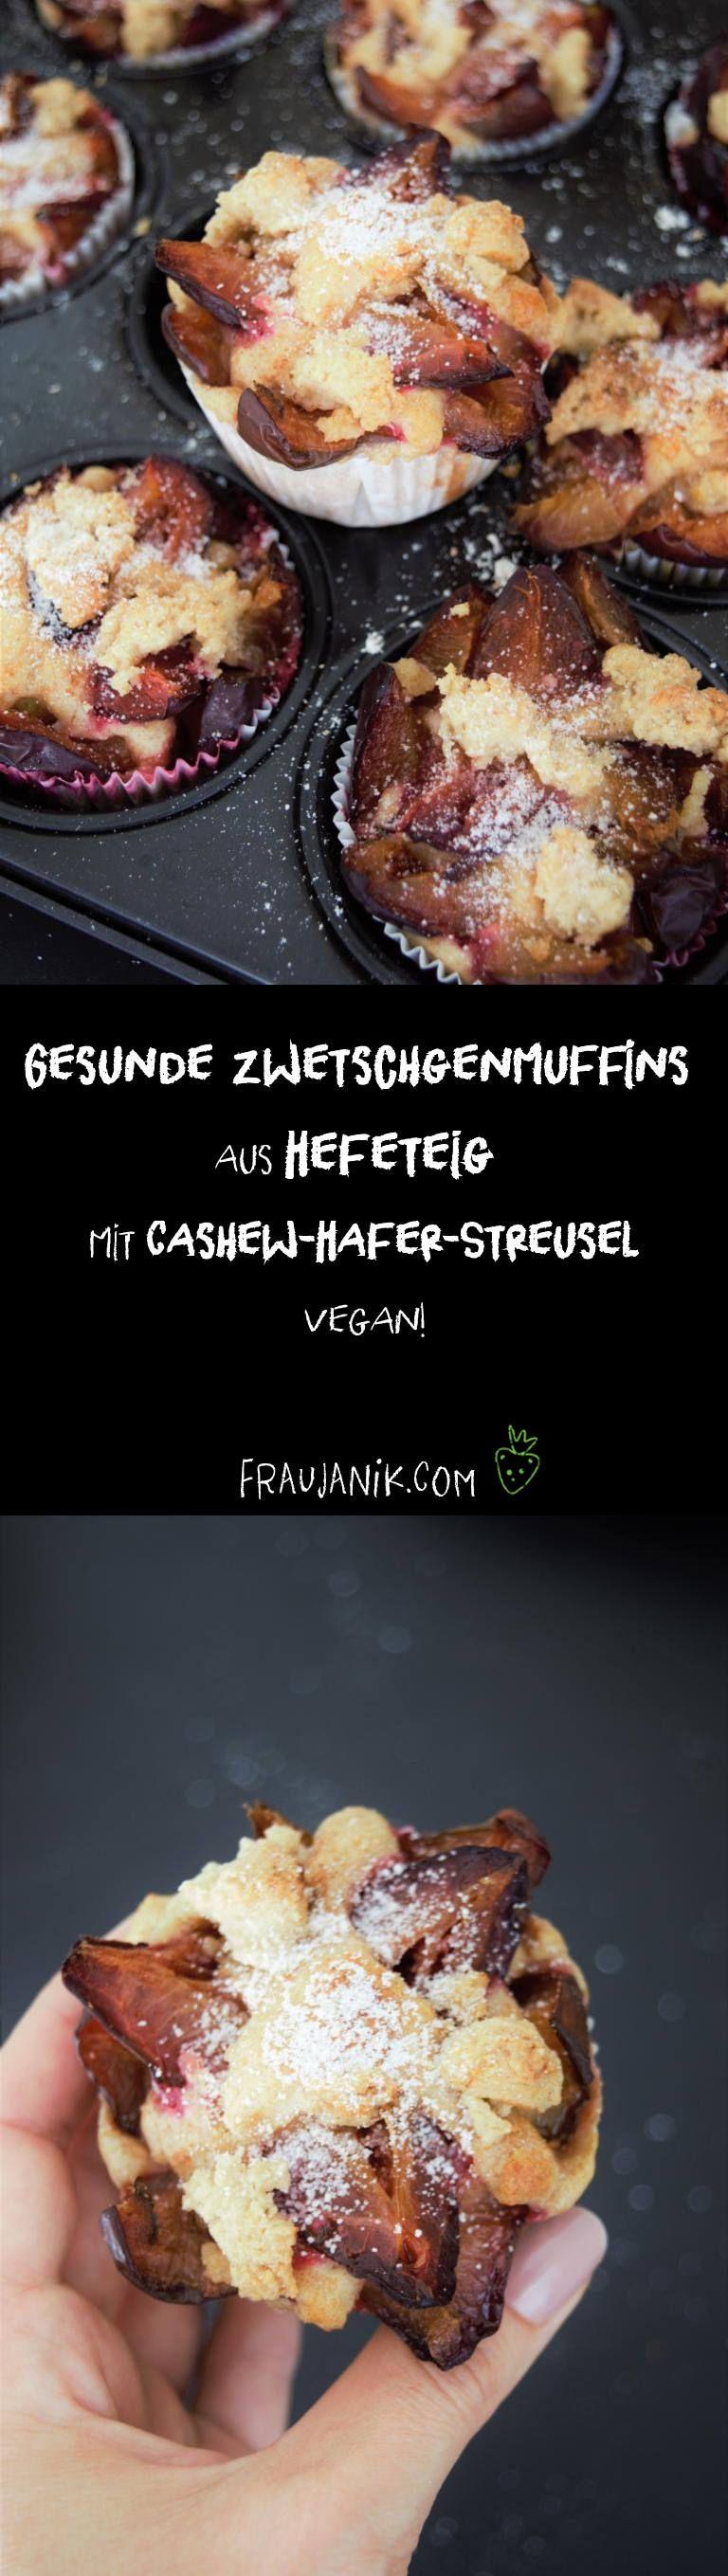 gesunder zwetschgenkuchen aus hefeteig mit cashew hafer streusel meine gesunden rezepte frau. Black Bedroom Furniture Sets. Home Design Ideas